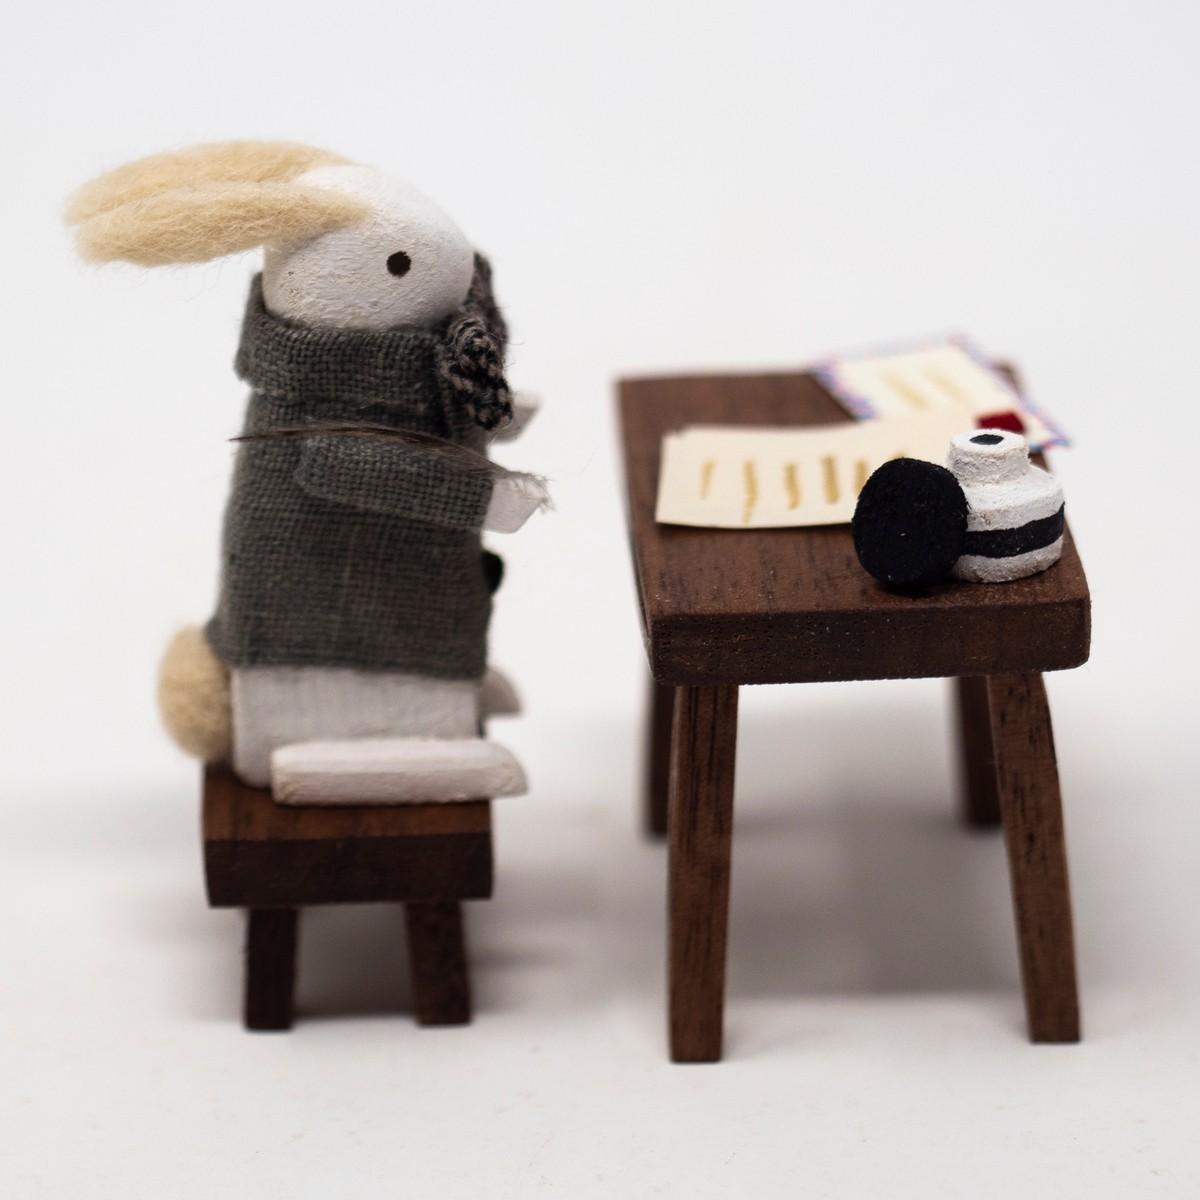 Photo of Hemingway Rabbit Figurine